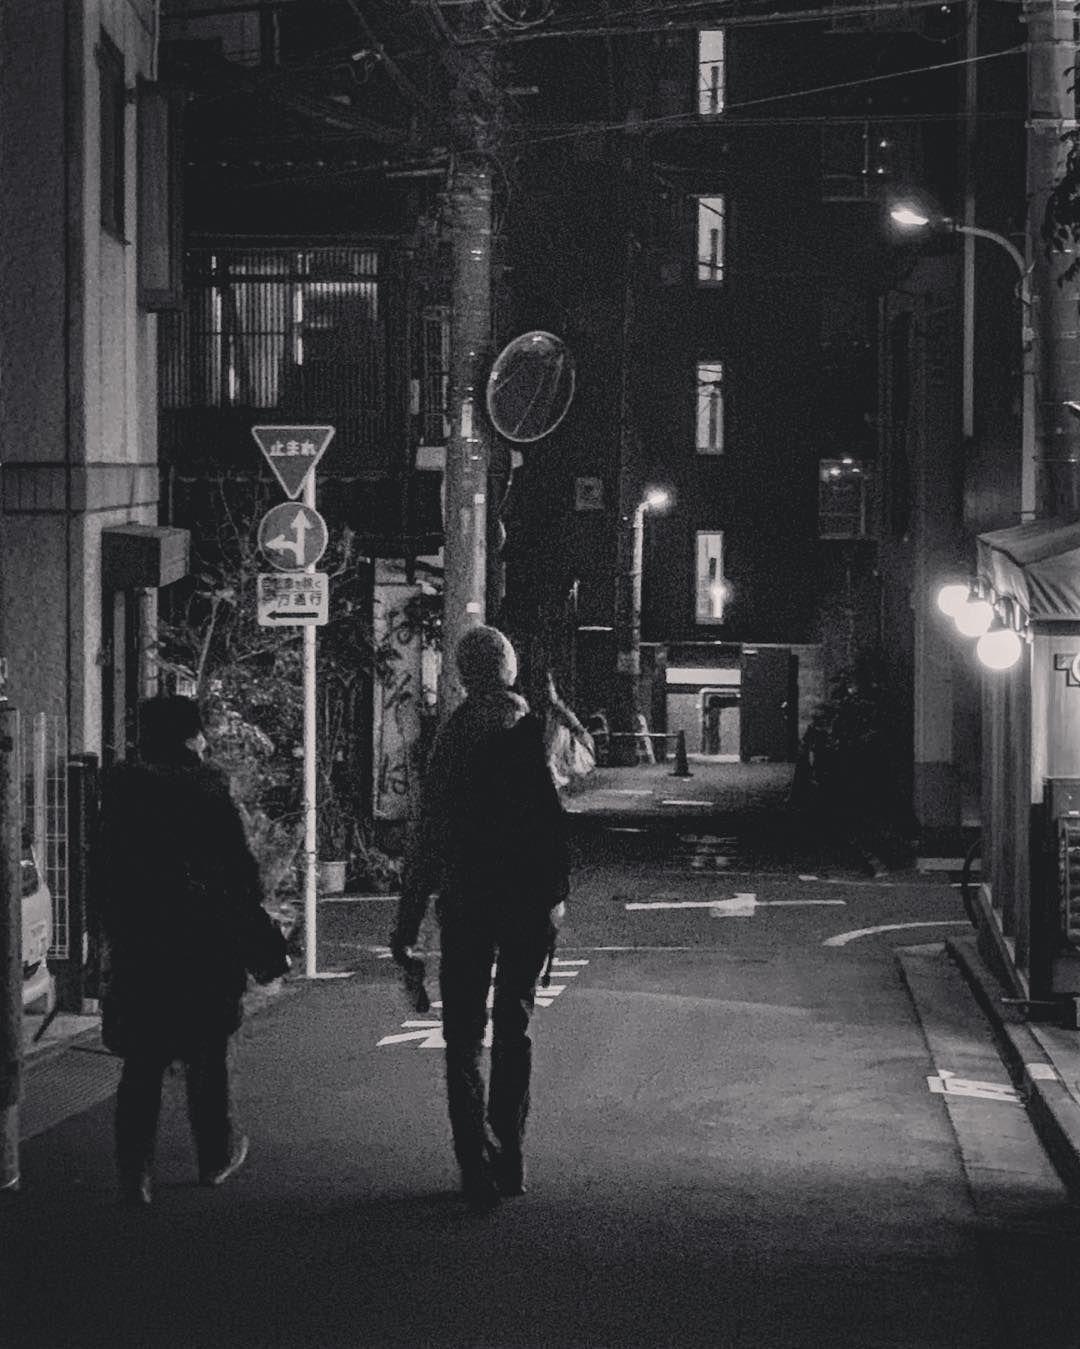 watch the best youtube videos online 裏通りにふたり 六本木通りから青山墓地に抜けるあたり ぼくドラえもん 東京 西麻布 路地 路地裏 裏通り 夜道 ふたり 電柱 光と影 グランジ パンク 白黒 モノクロ bwモノクロ写真マニア モノクロ 墓地 白黒